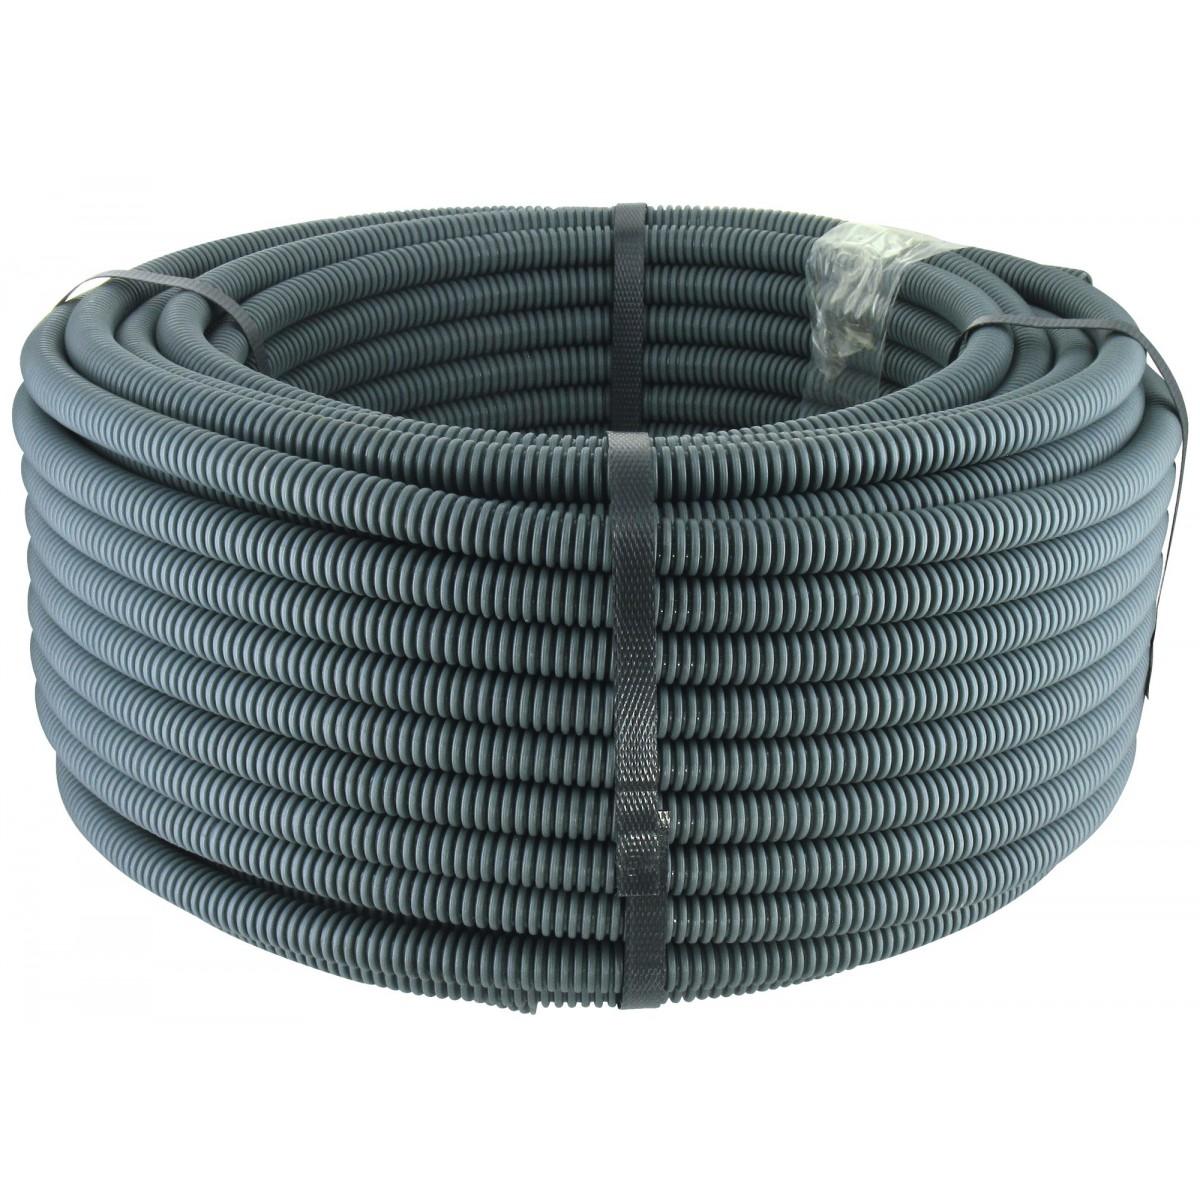 Gaine icta avec tire fil diam tre 25 mm bleu longueur - Diametre fil electrique ...